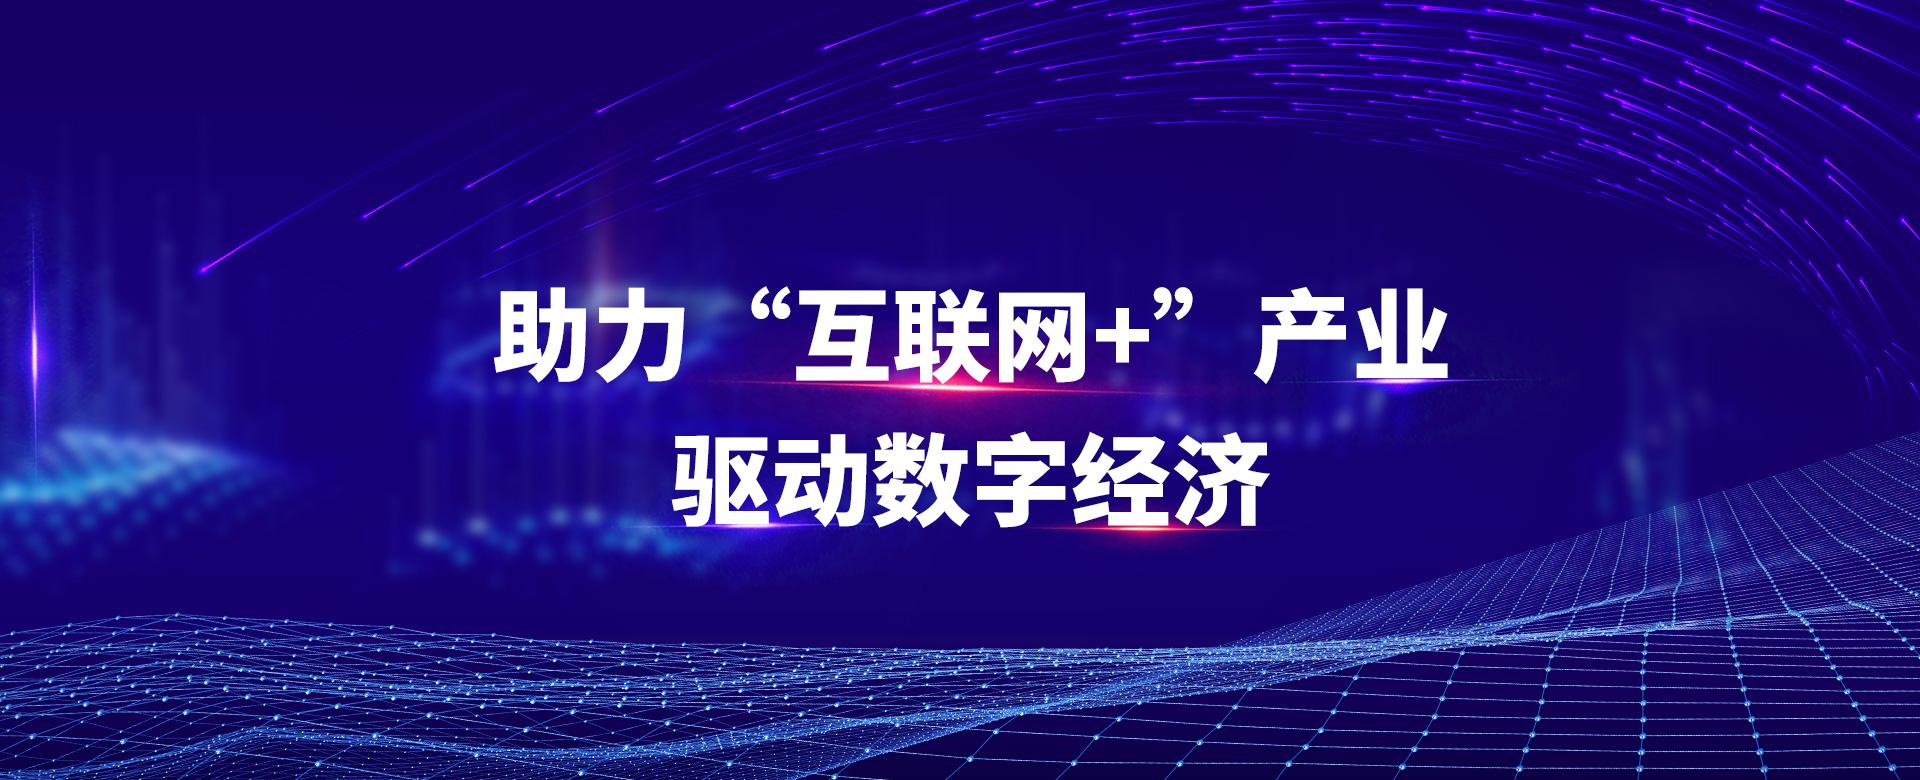 武汉新锐集团